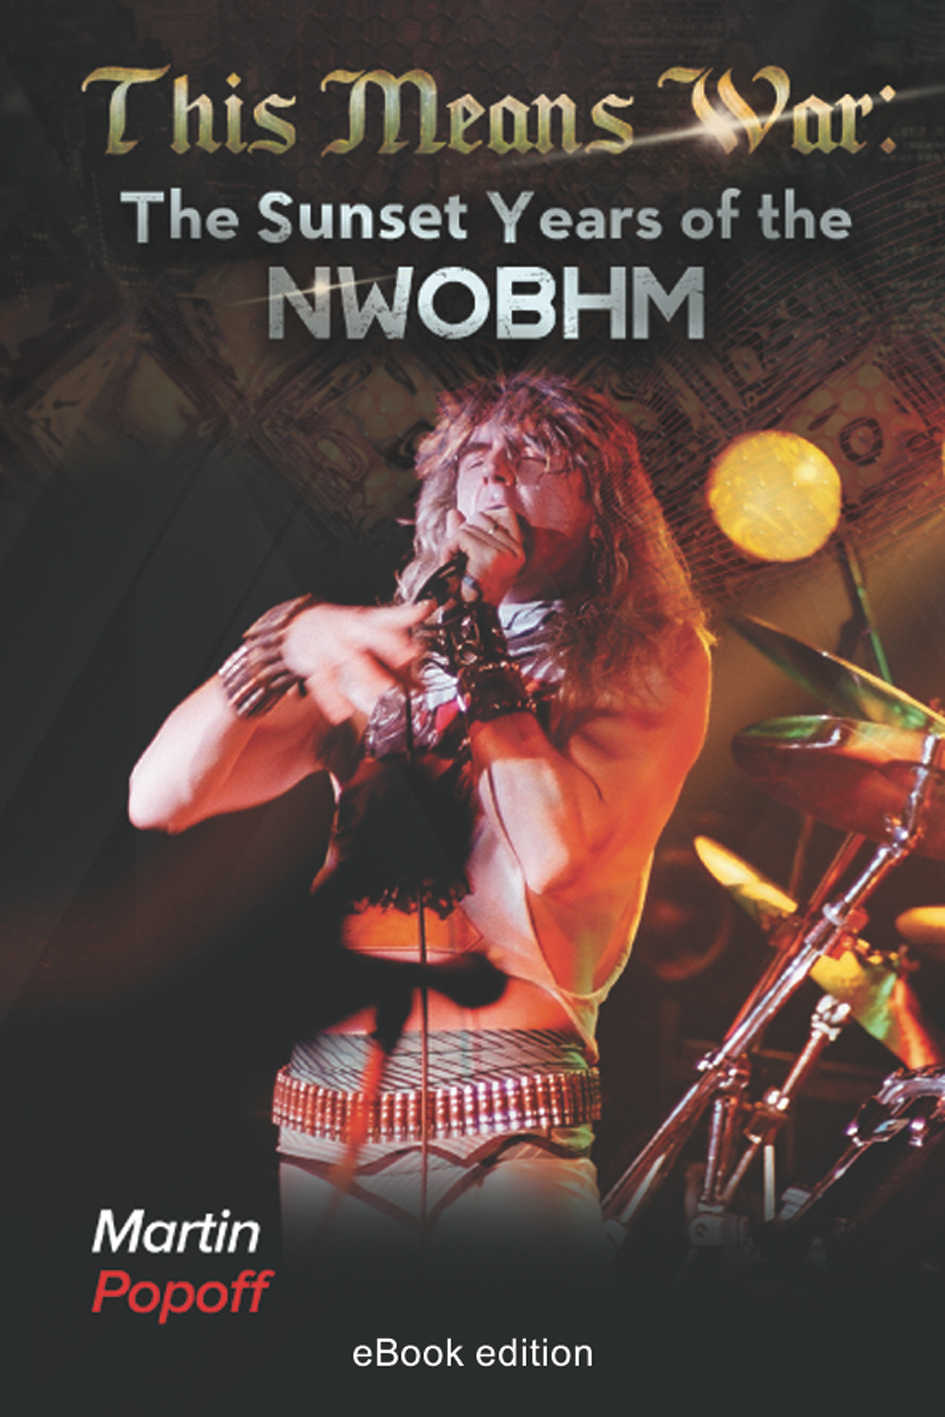 75 ESENCIALES DE LA NWOBHM vol.2: 25 - TOKYO BLADE - Página 11 Popo10